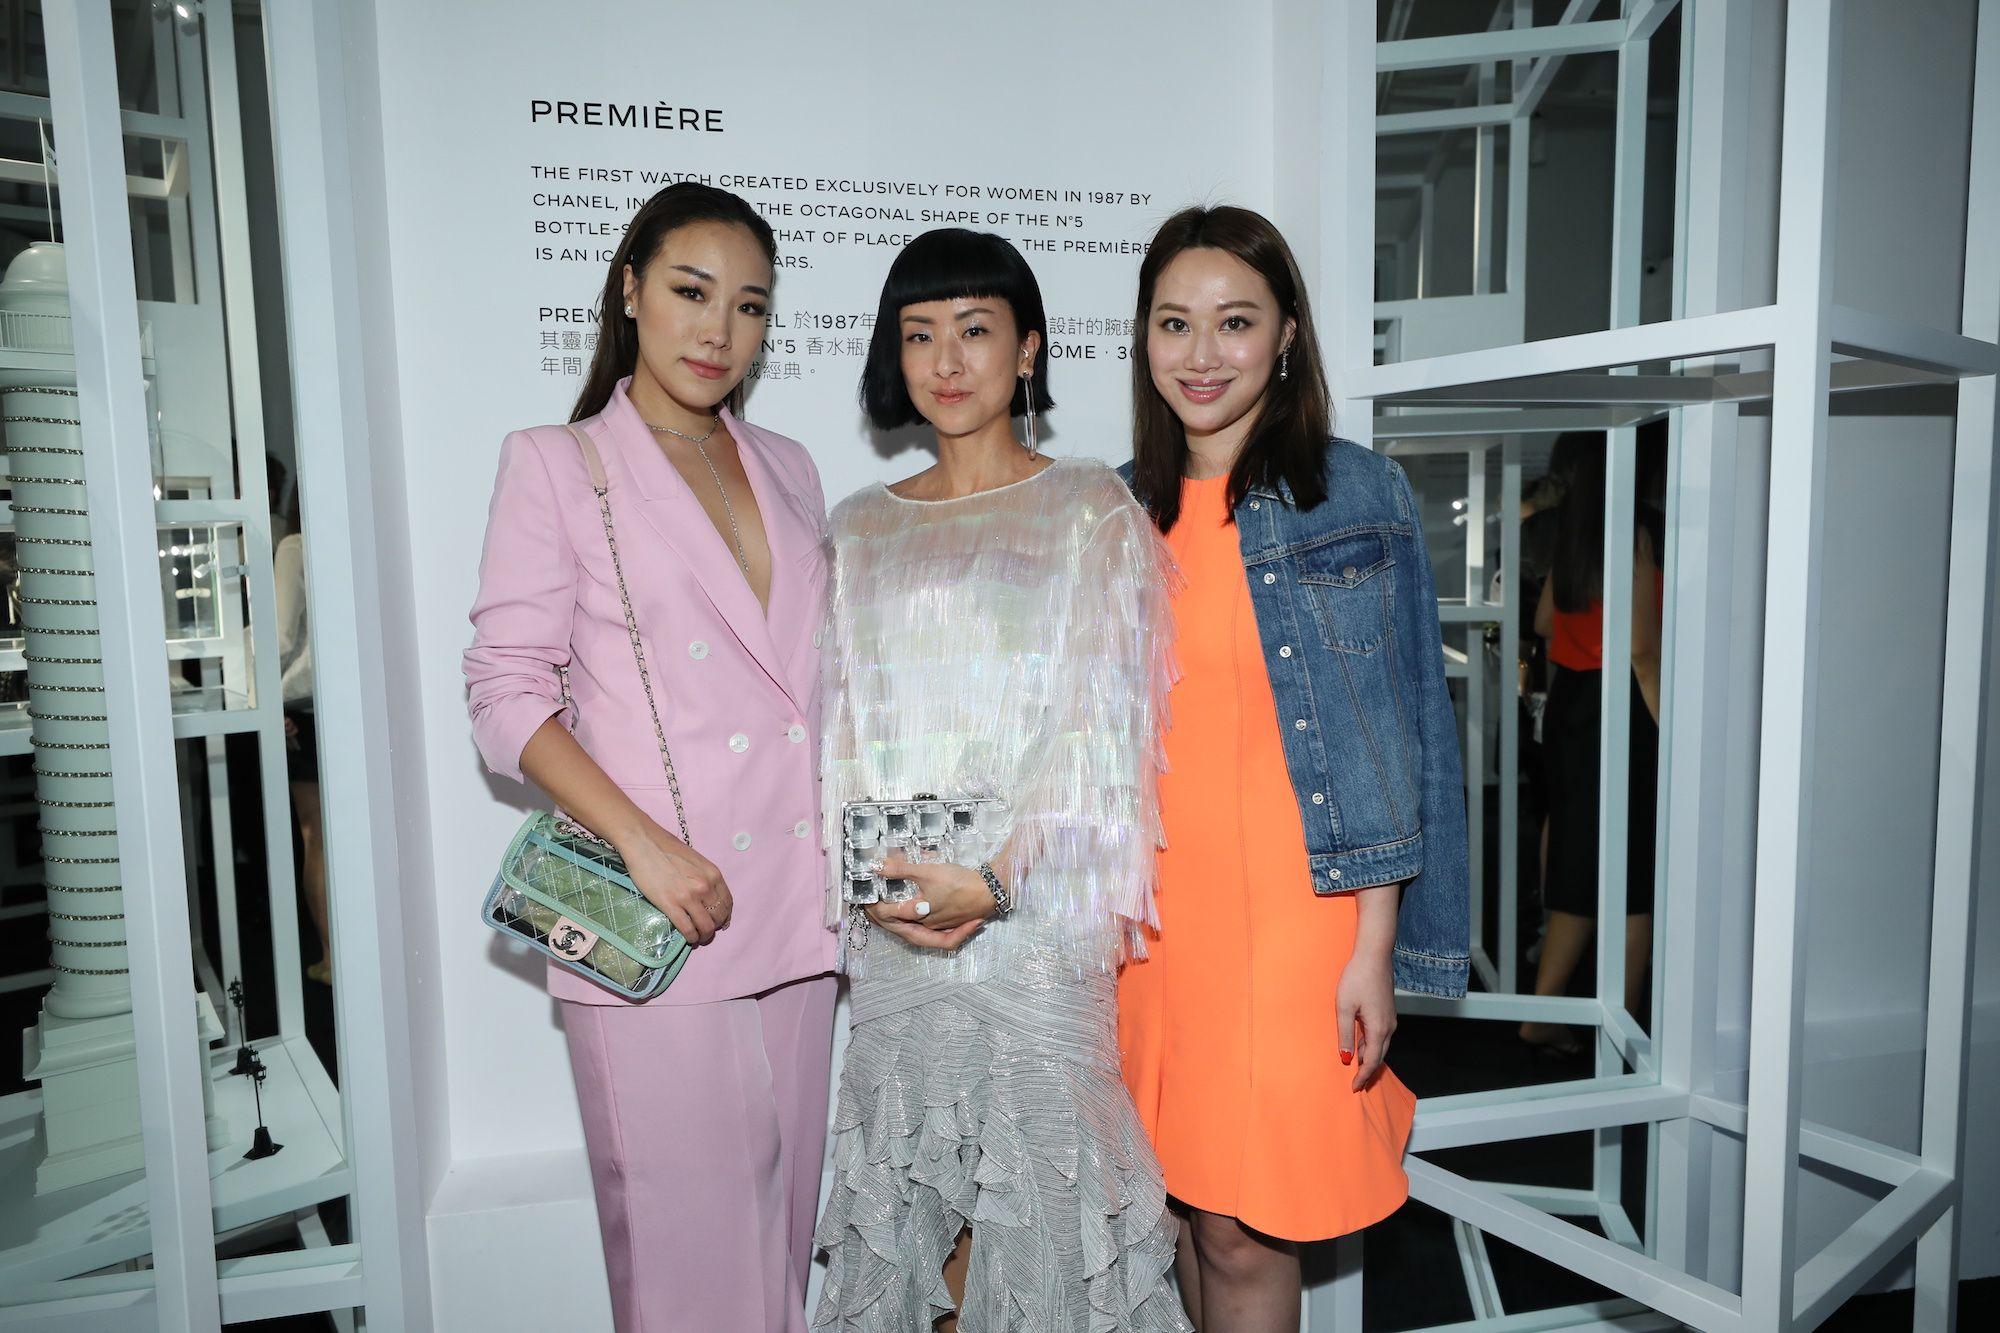 Feiping Chang, Hilary Tsui, Josephine Chiu